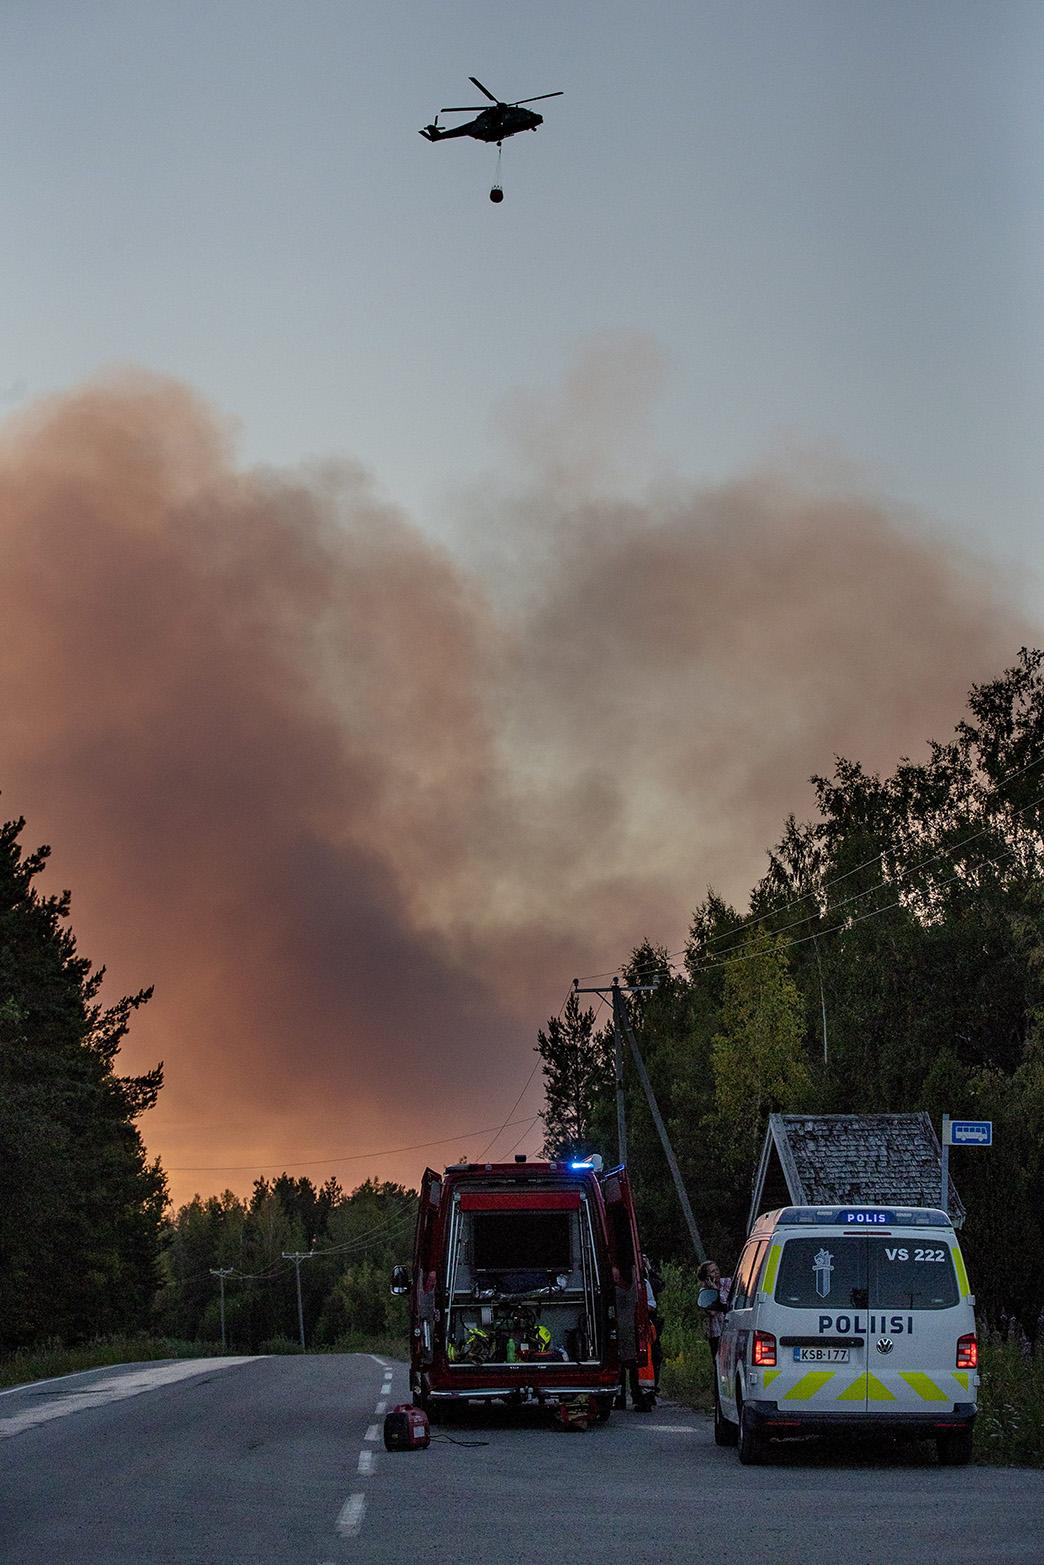 Pyhärannassa Varsinais-Suomessa riehui viime kesänä, heinäkuun puolivälissä laajin metsäpalo.